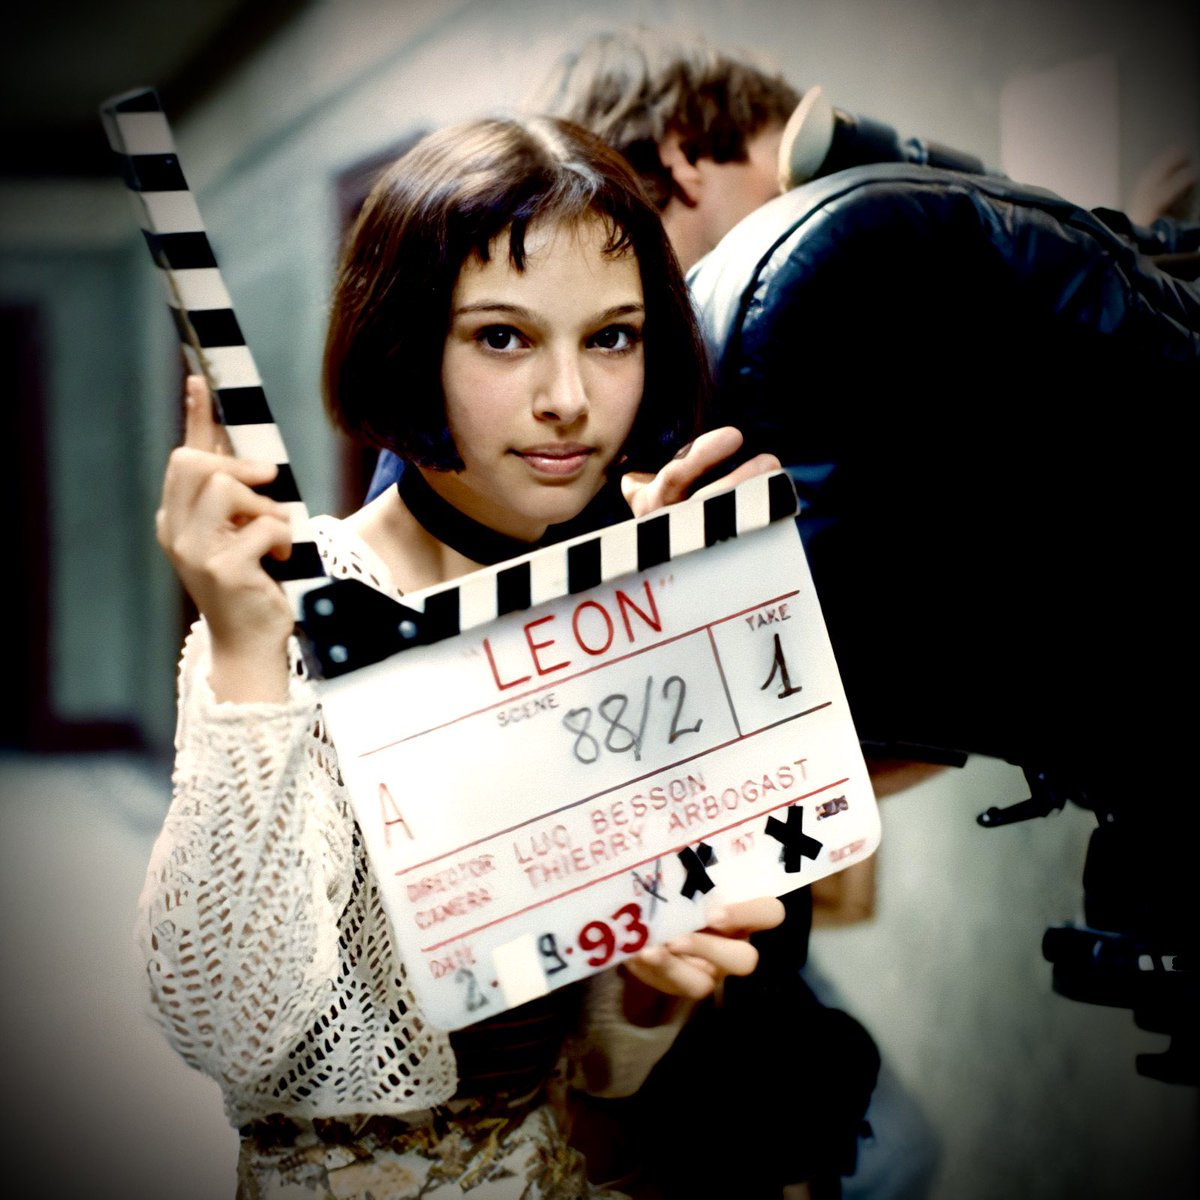 Leon el profesional (1994) Director: Luc Besson  Detrás de las cámaras #BehindTheScenes #NataliePortman #JeanReno #garyoldman